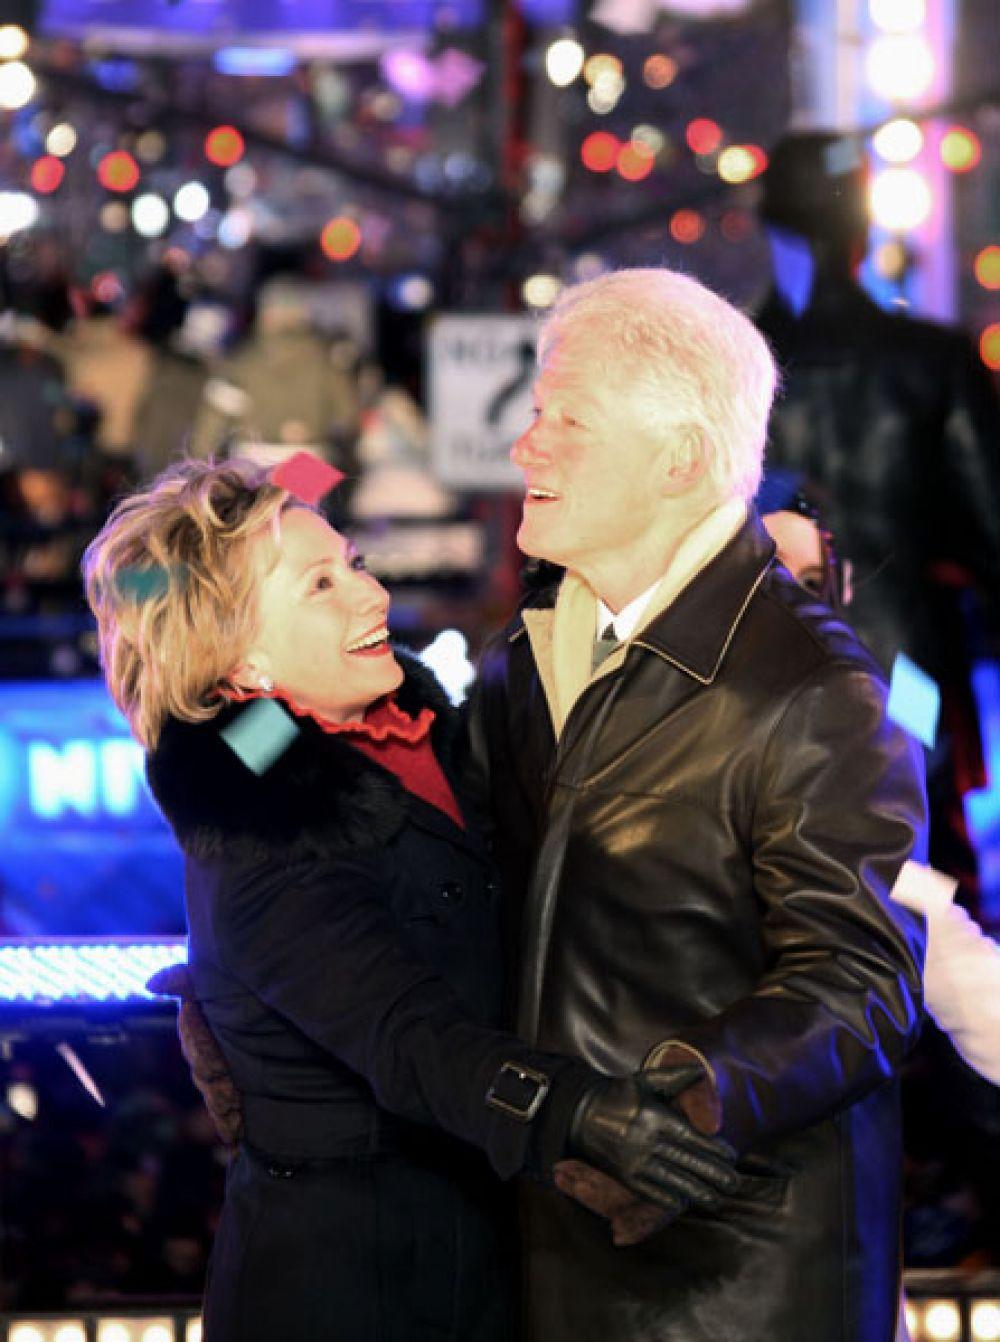 1 января 2009 года. Бывший президент Соединенных Штатов Билл Клинтон танцует со своей женой Хиллари во время новогодних празднеств на Таймс-сквер в Нью-Йорке.